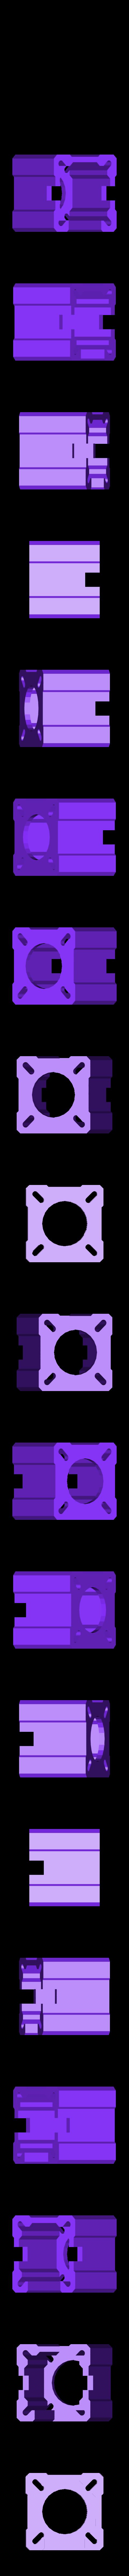 X-MotorBracketV3.stl Télécharger fichier STL gratuit Hadron (ORD Bot) Support pour moteur en X • Modèle pour imprimante 3D, Duskwin